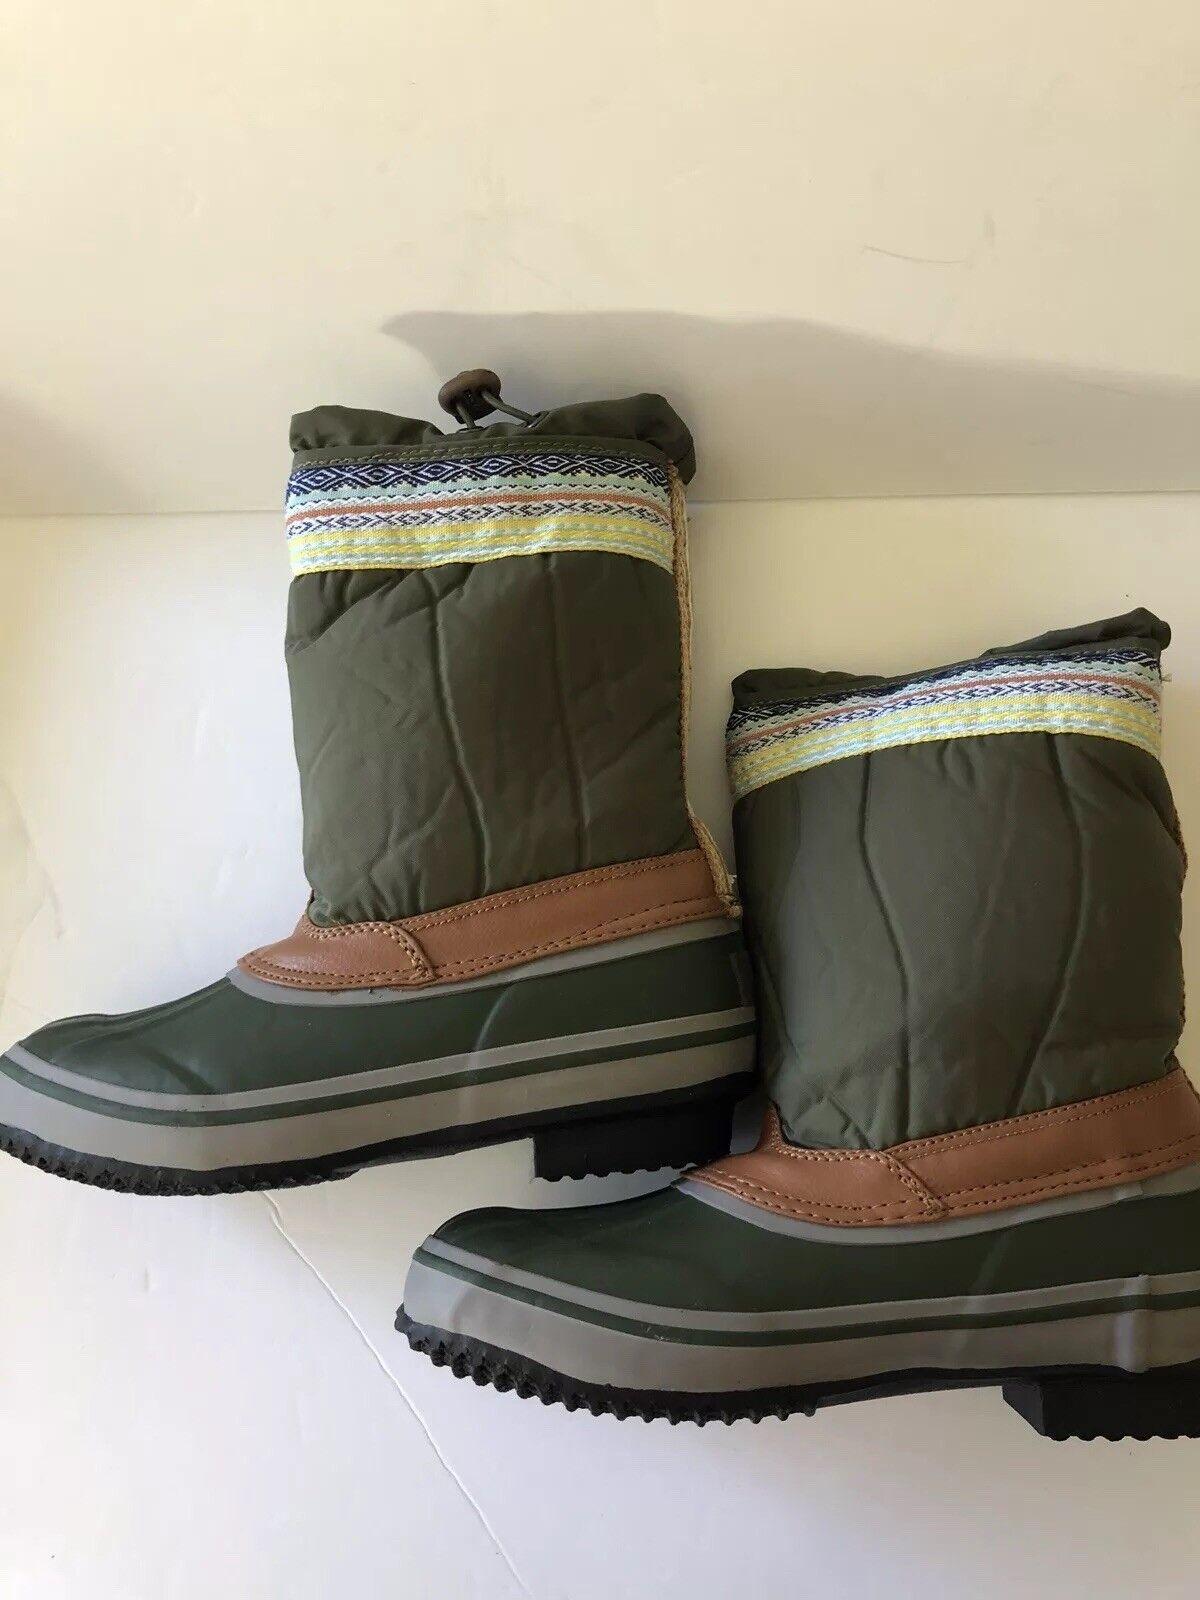 NEUF Le sac Daley Olive bottes de neige SZ 8